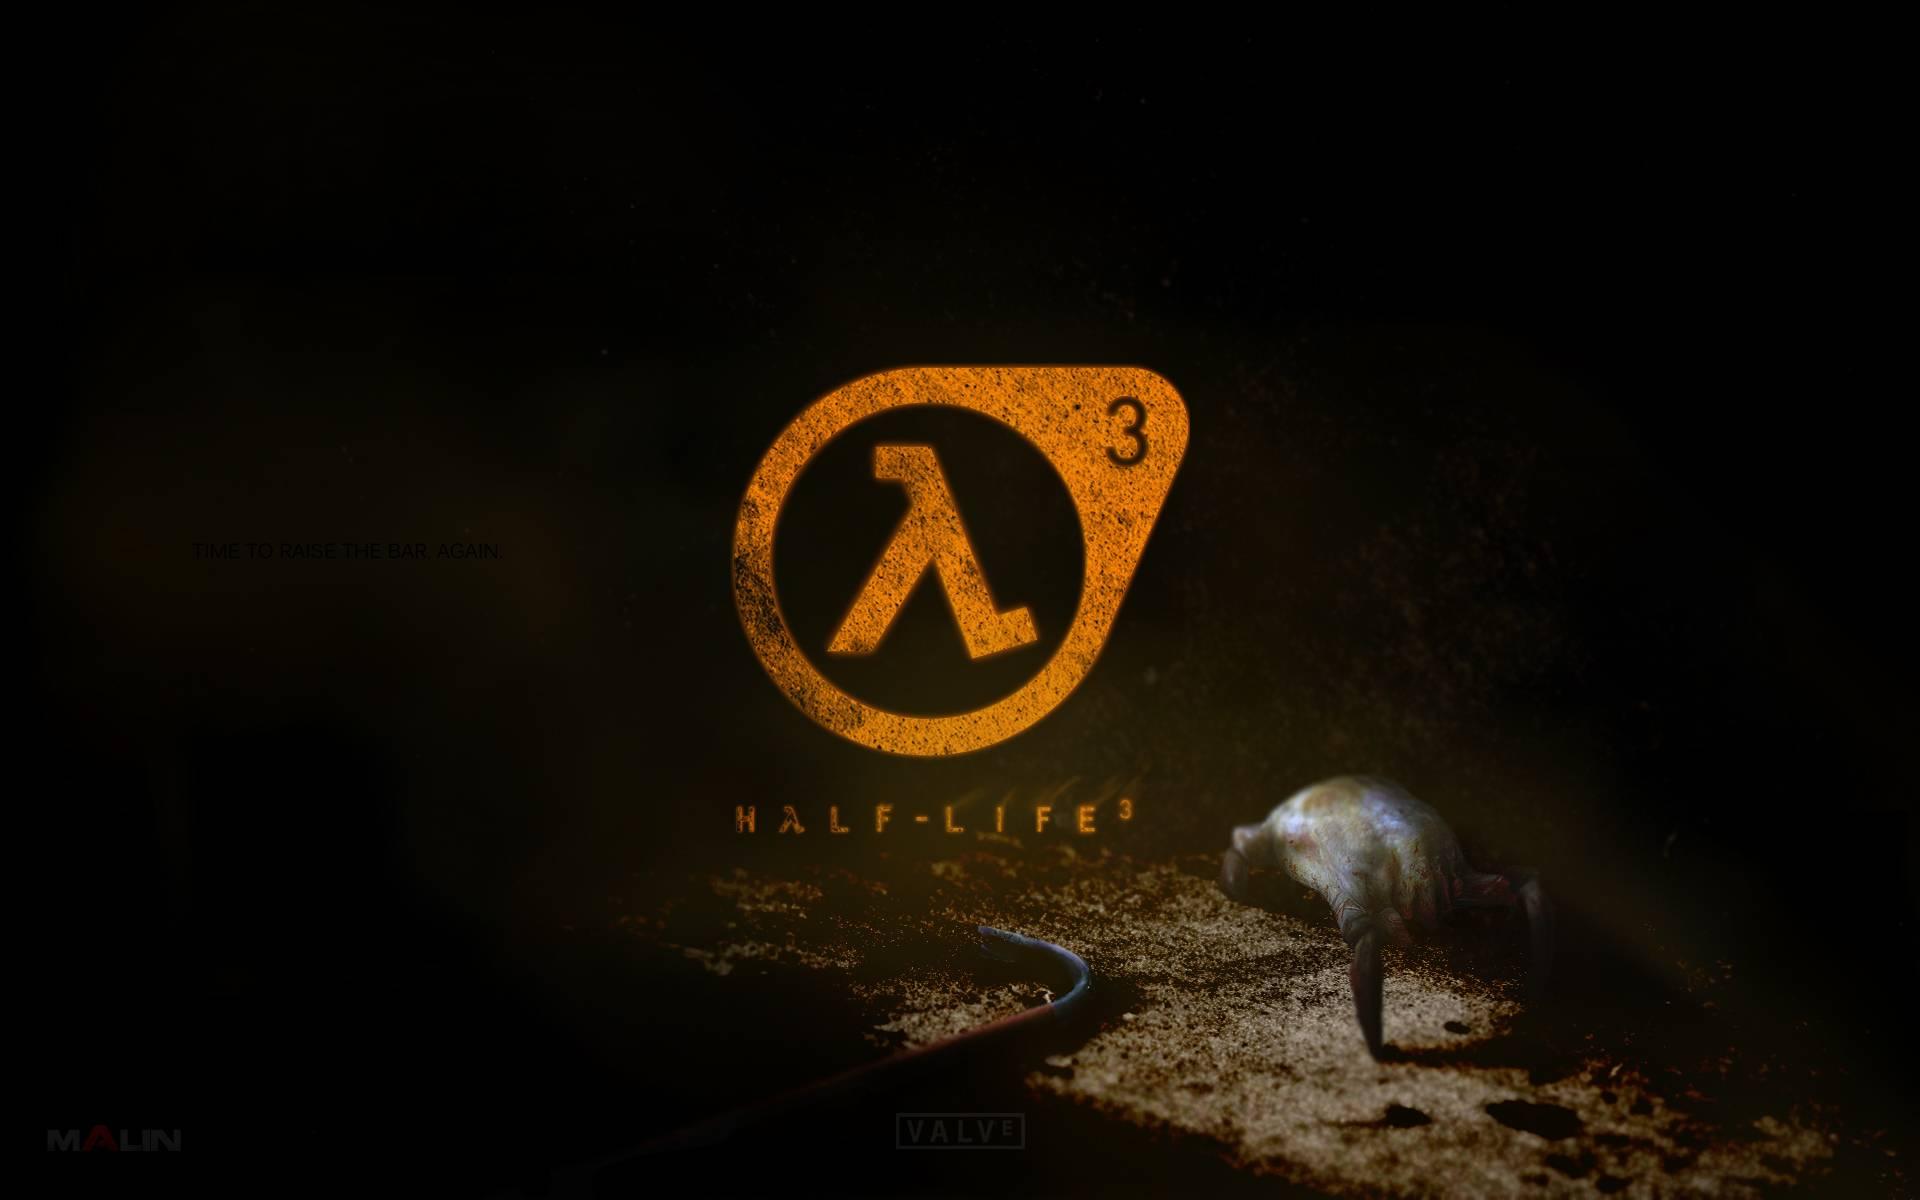 Half-Life-3-Registrado-pela-Valve-1